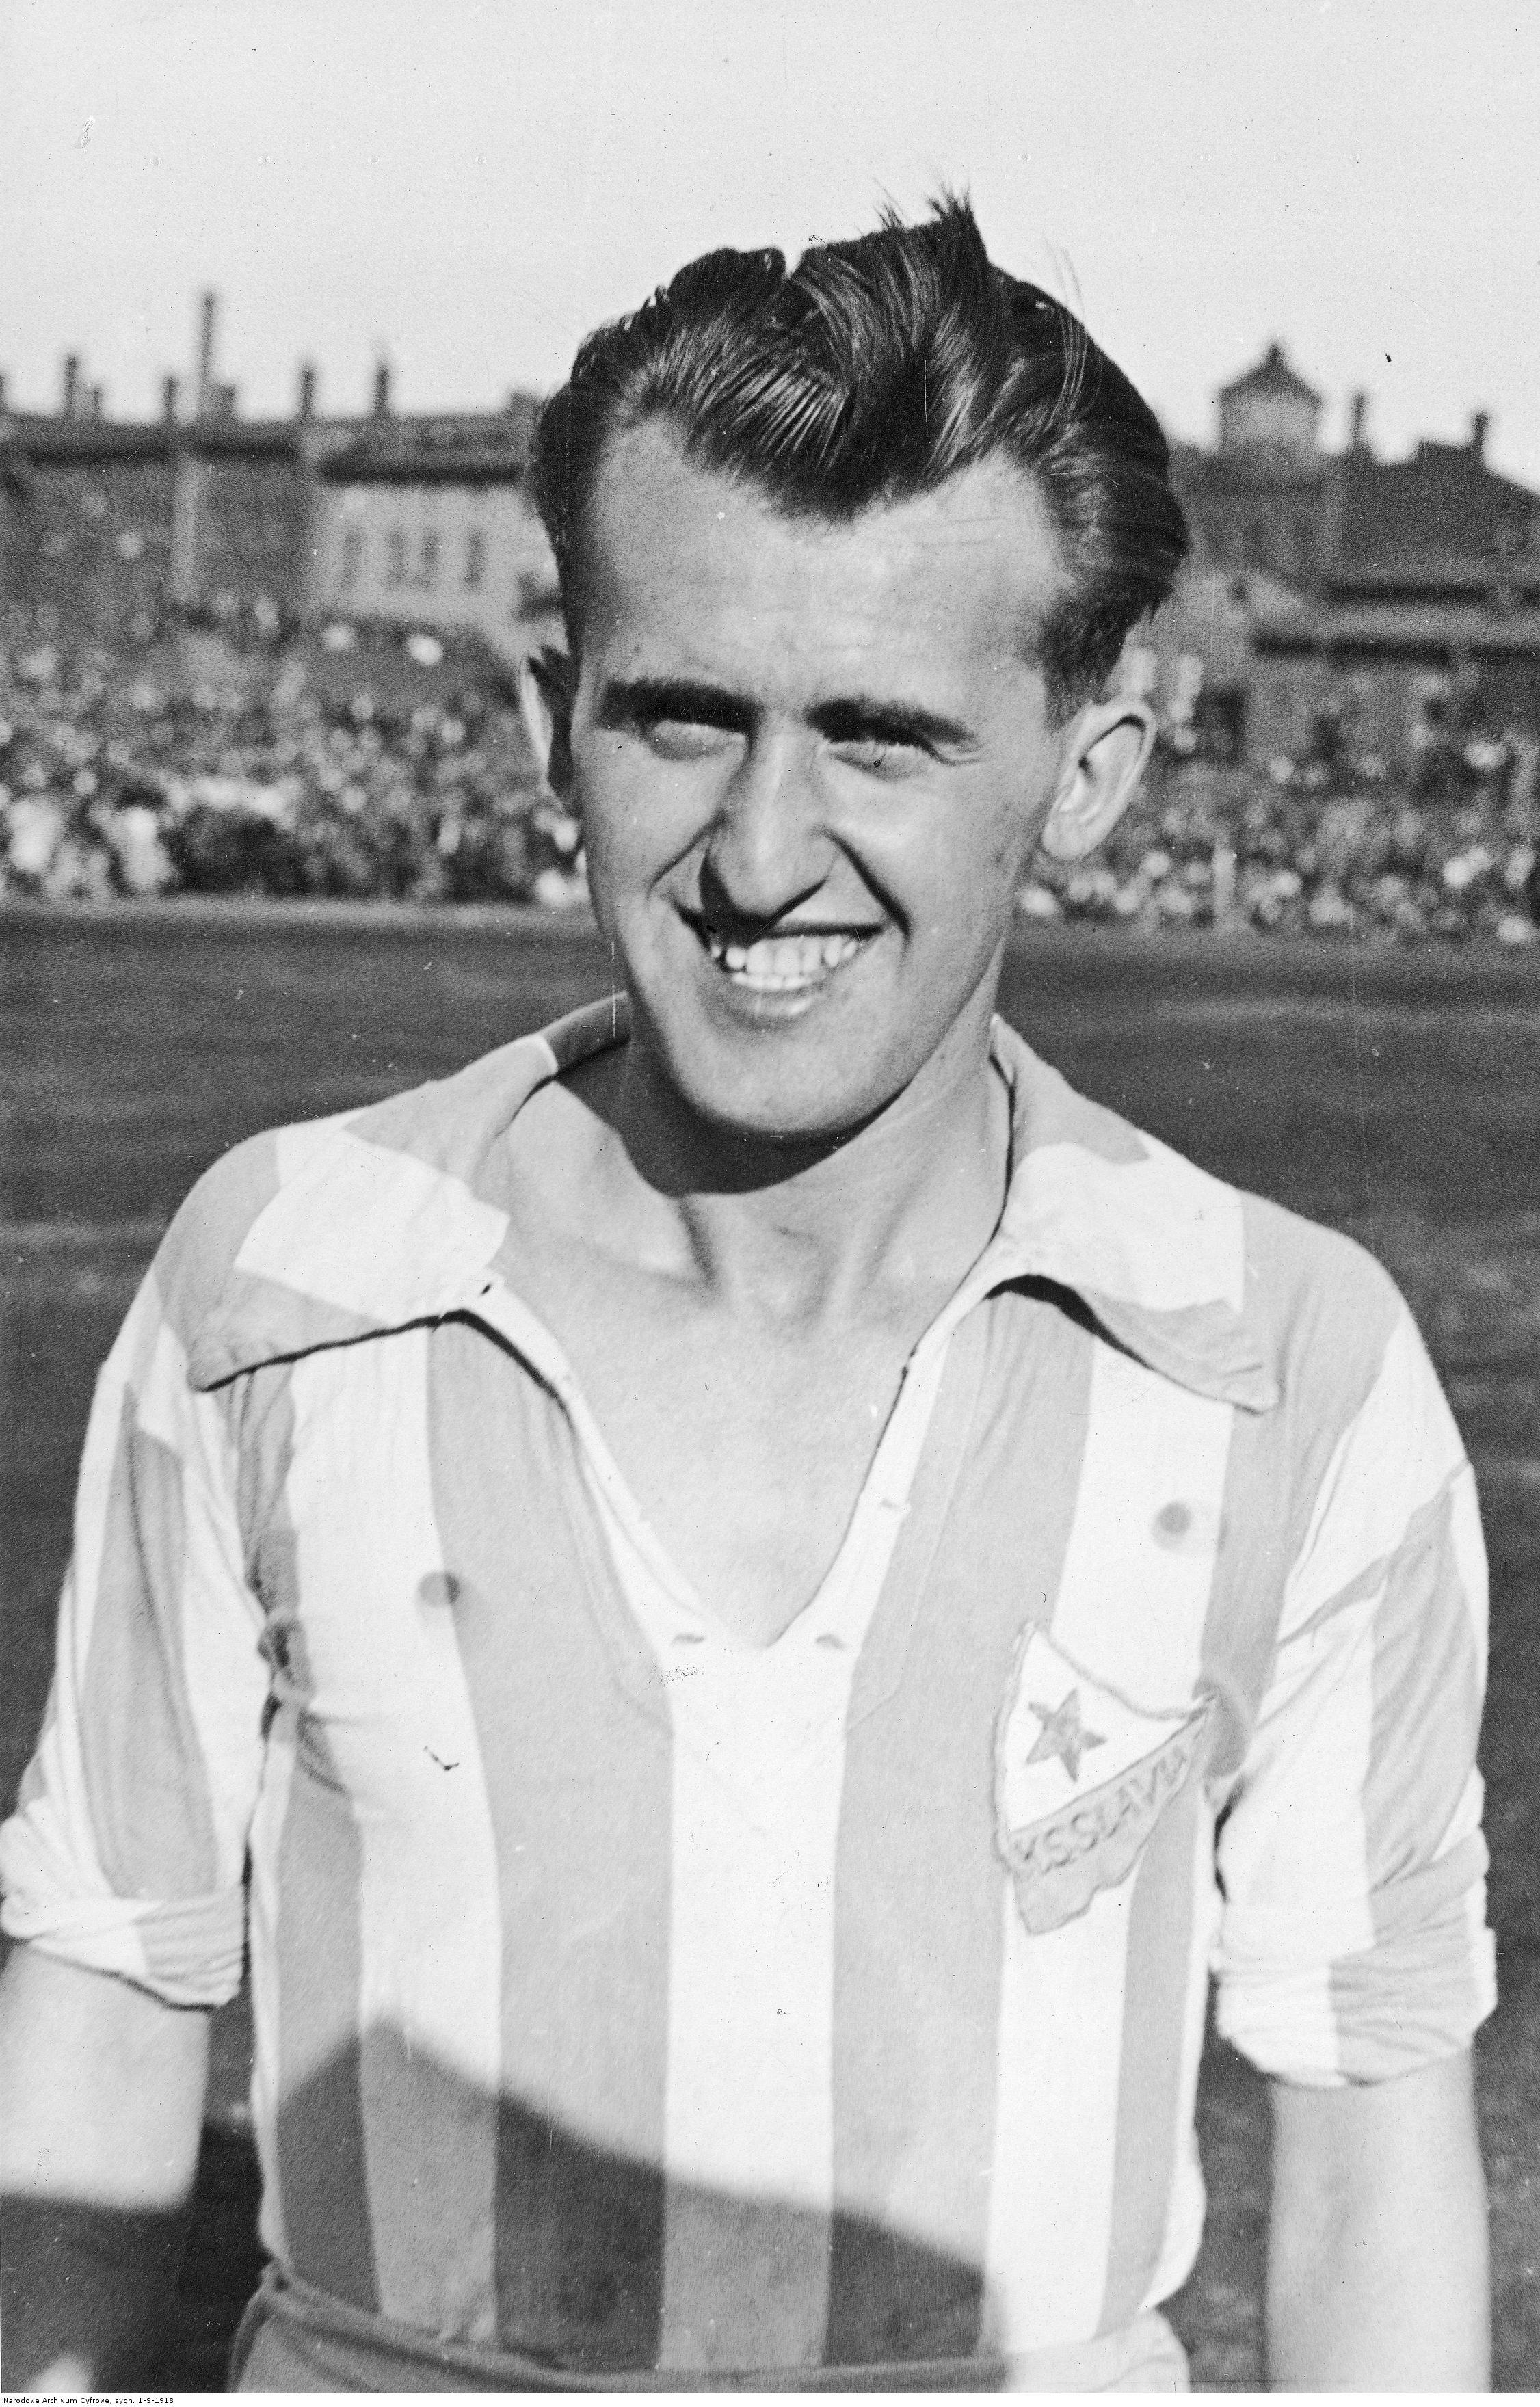 W 1934r. doWielkich Hajduk przyjechała lwowska Pogoń. Gospodarze wystąpili wkoszulkach Slavii Ruda Śląska, choć dziś już trudno dociec dlaczego; źródło: Narodowe Archiwum Cyfrowe